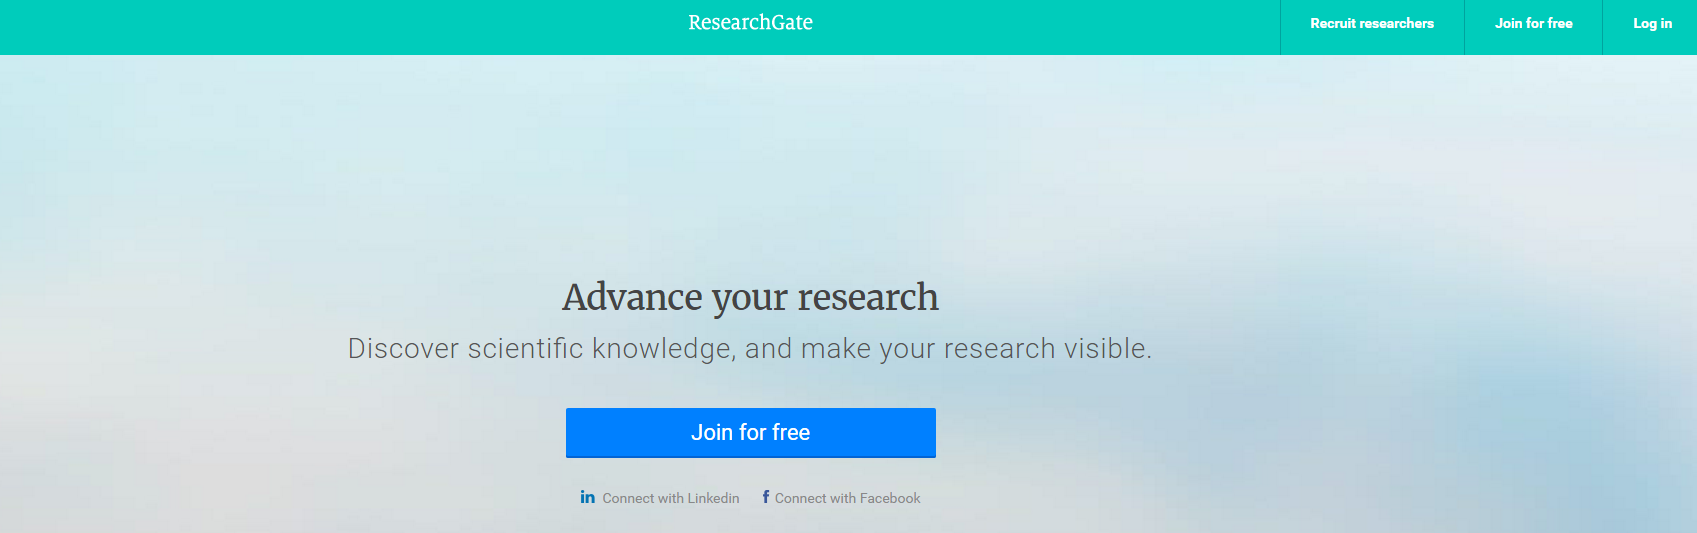 researchgate.net